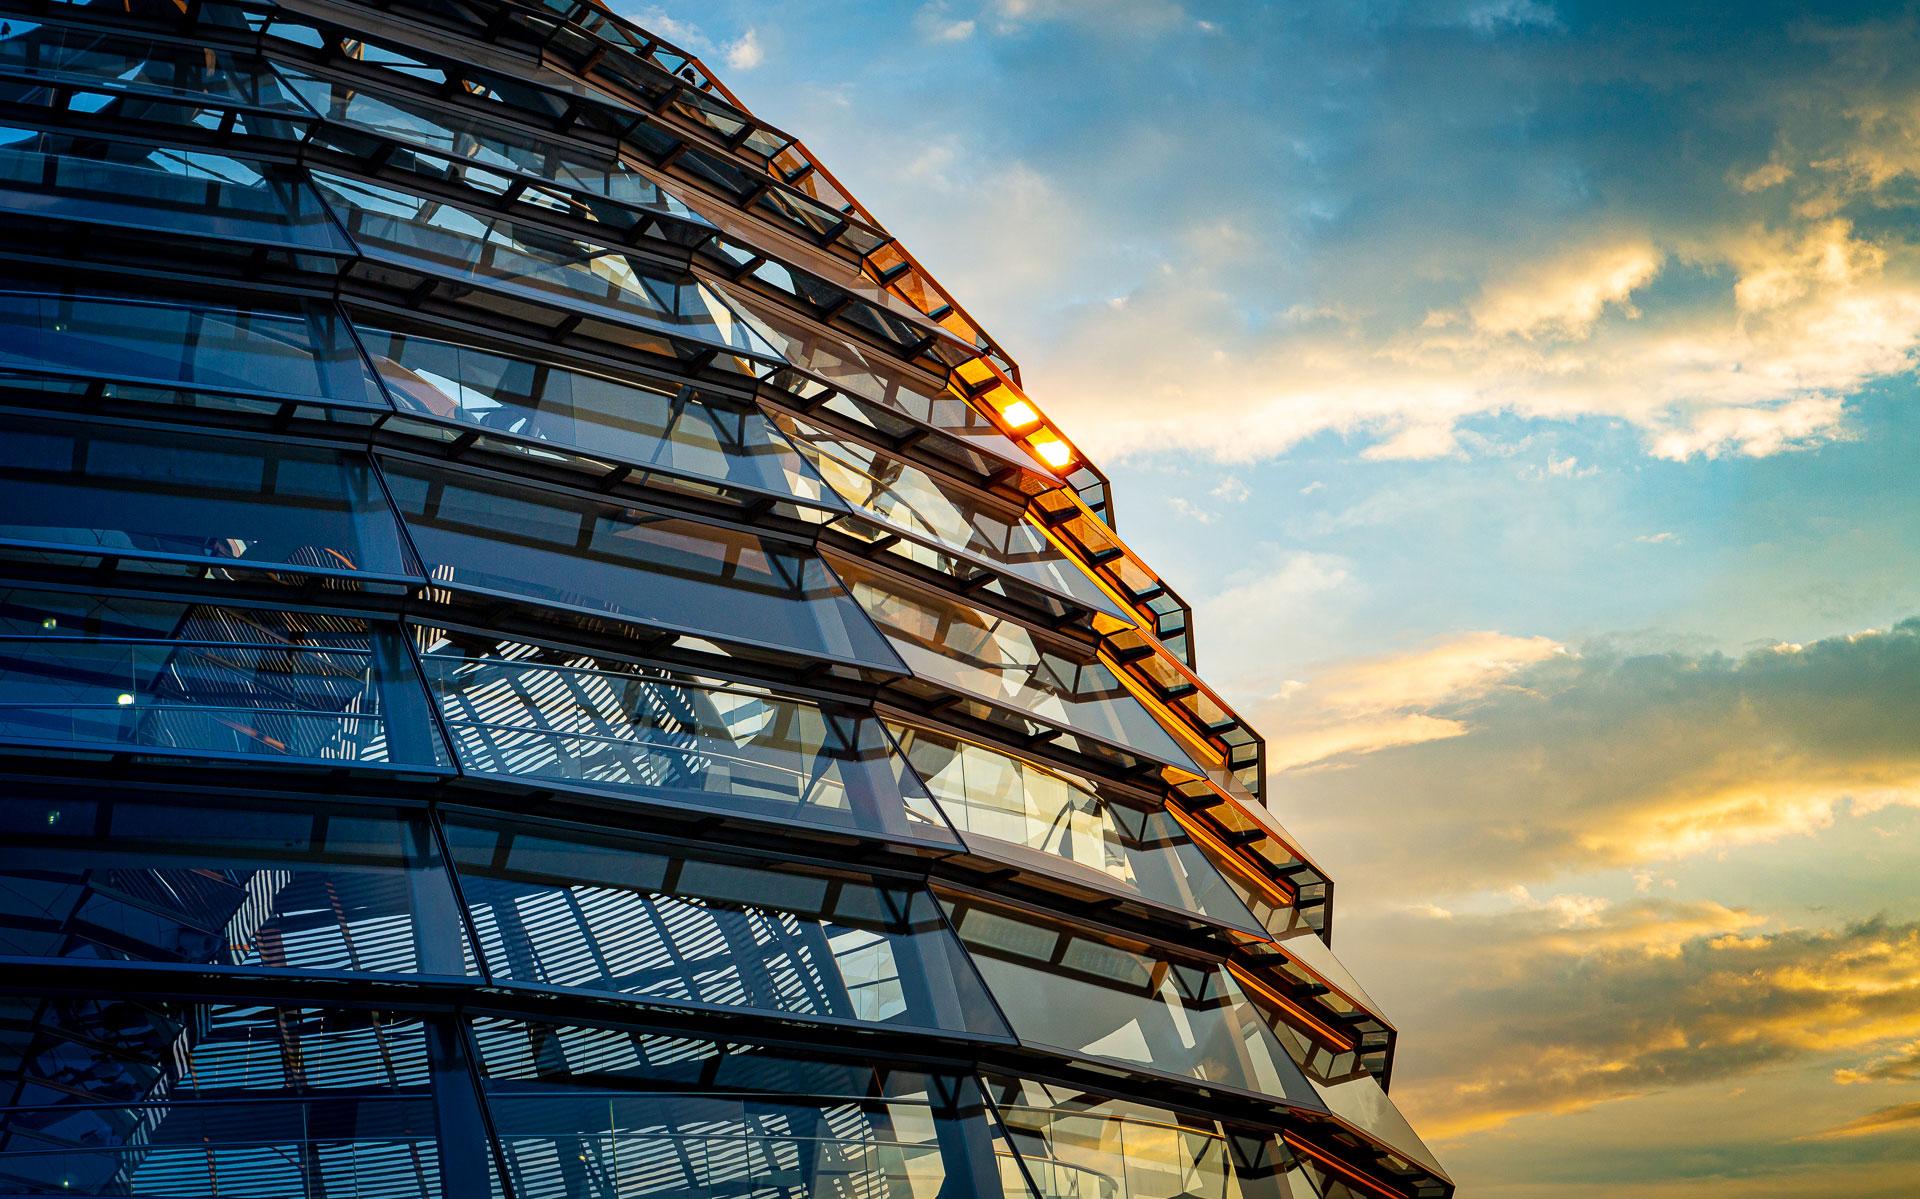 berlin-reichstag-kuppel-detail-am-abend-menschenleer-kalt-warm